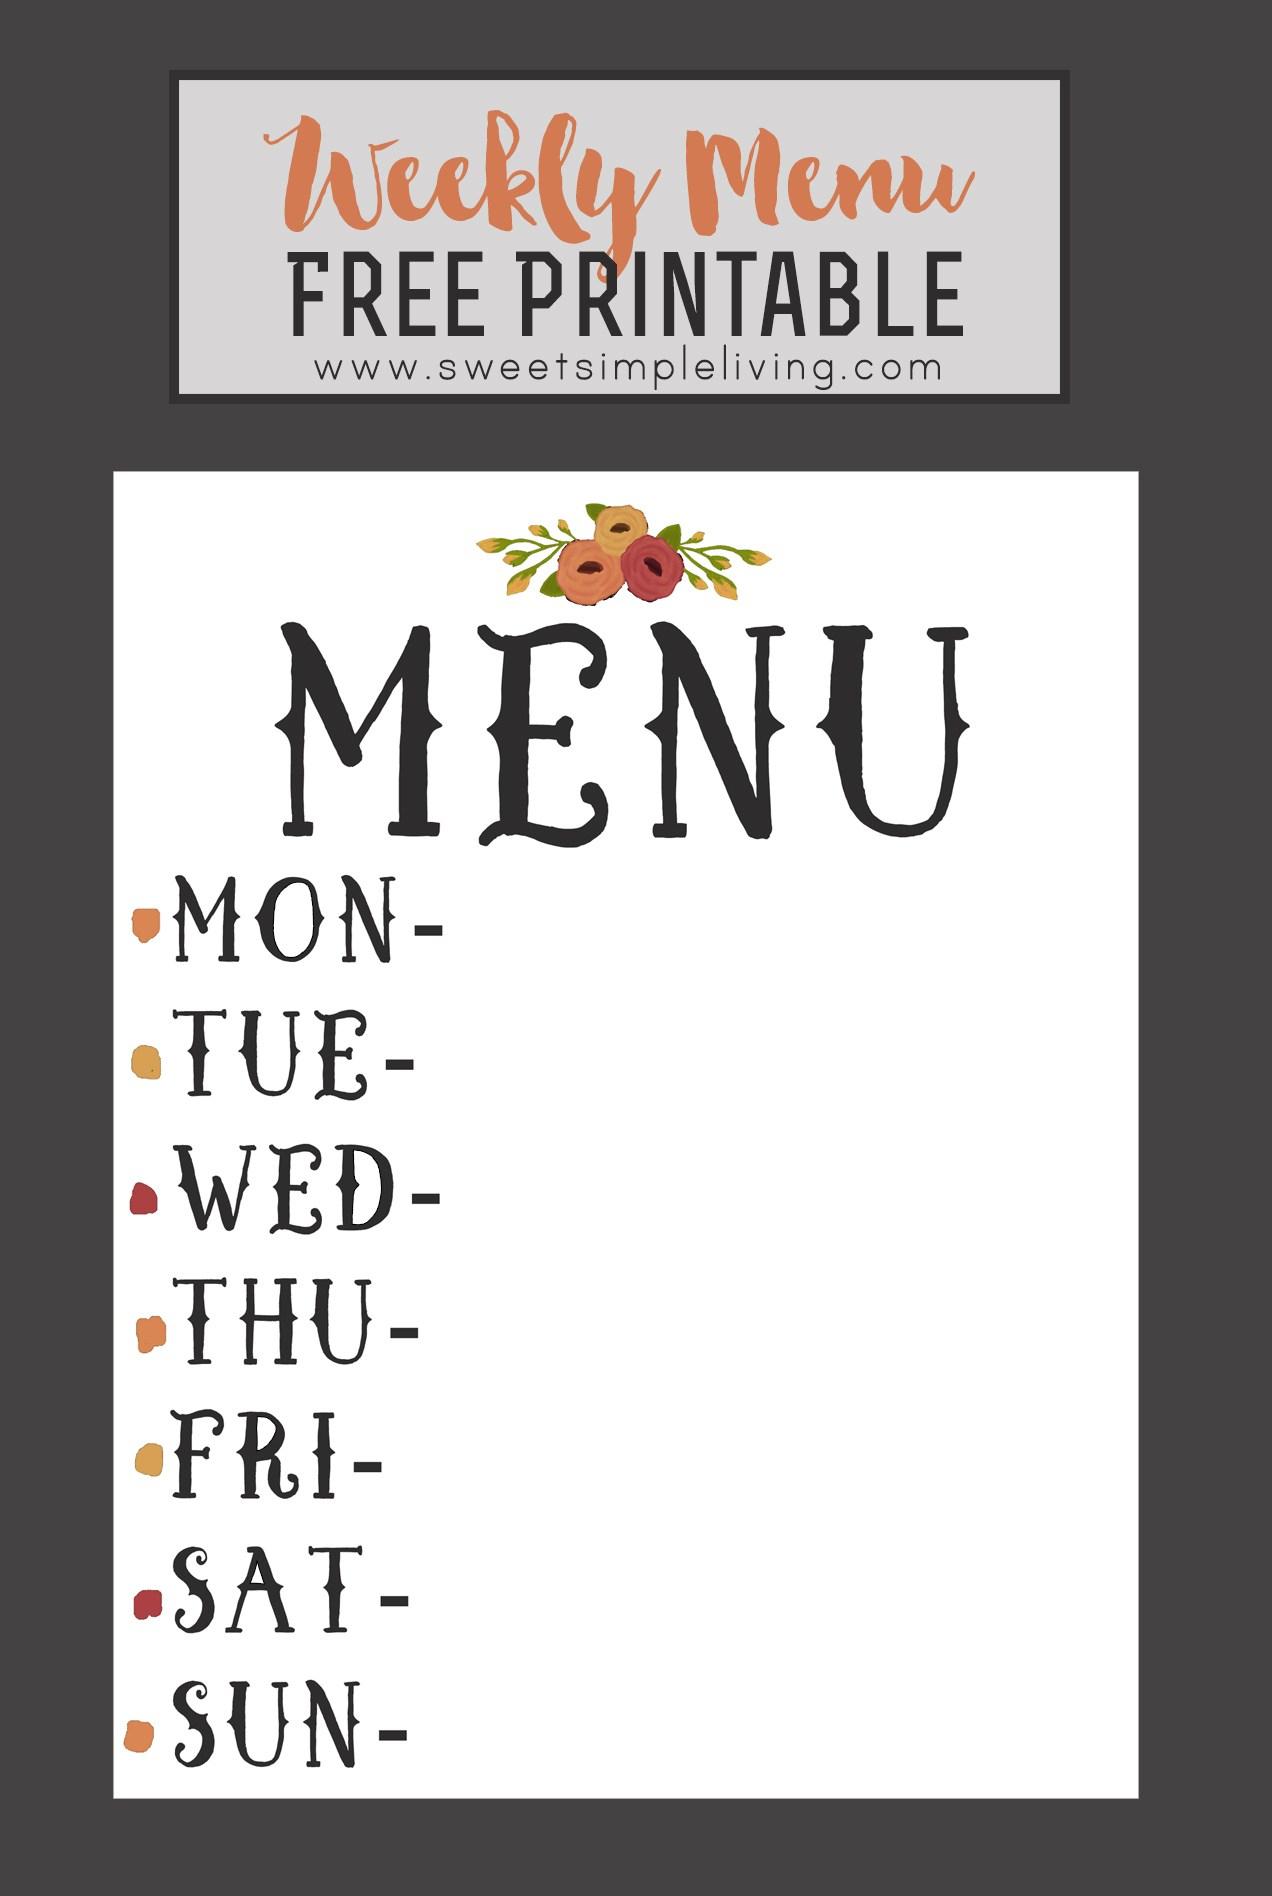 Weekly Menu Free Printable - Sweet Simple Living - Weekly Menu Free Printable